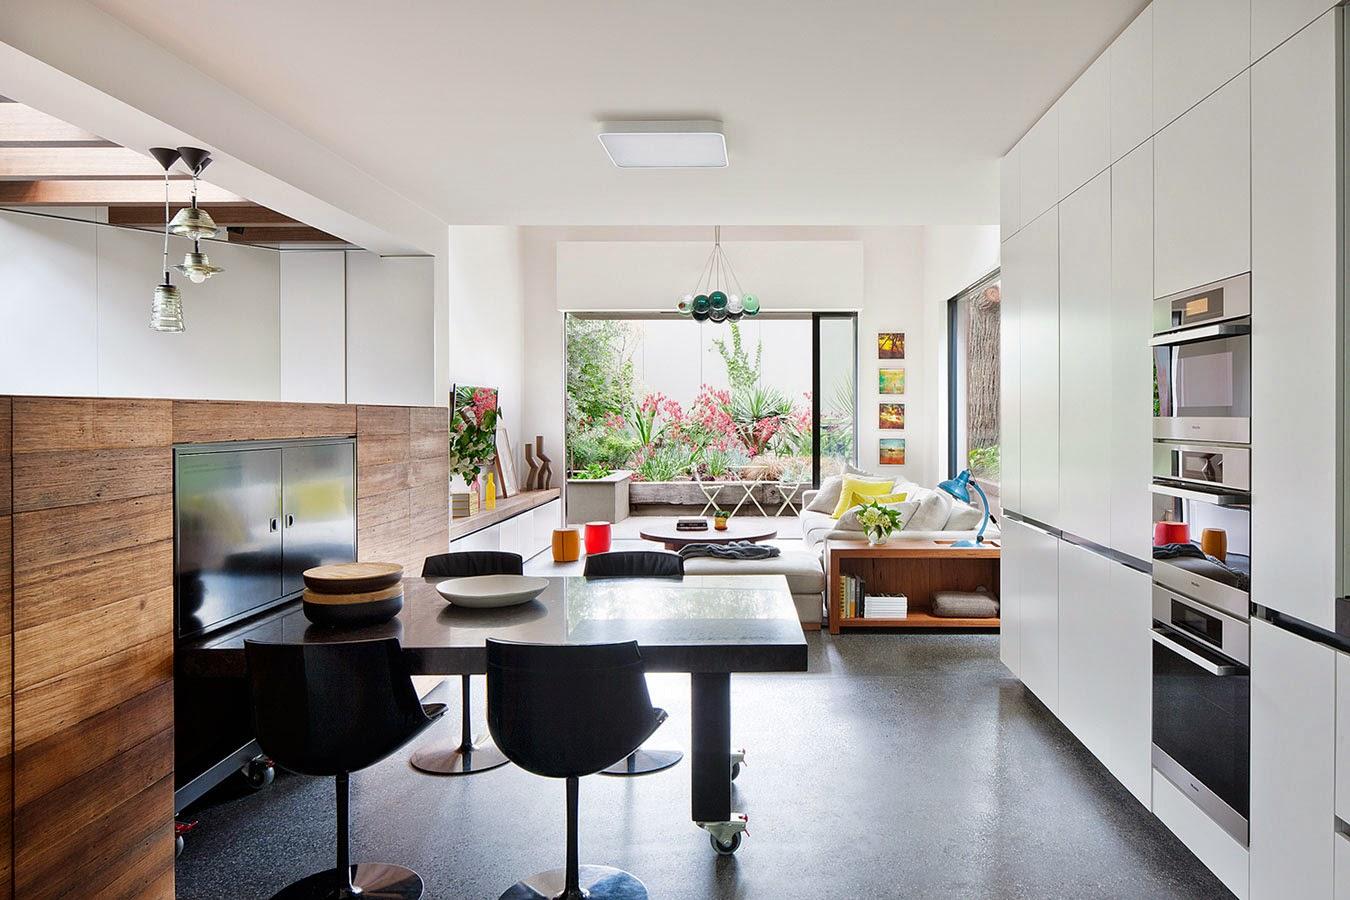 Rehabilitación de una casa antigua con aspecto moderno en Melbourne